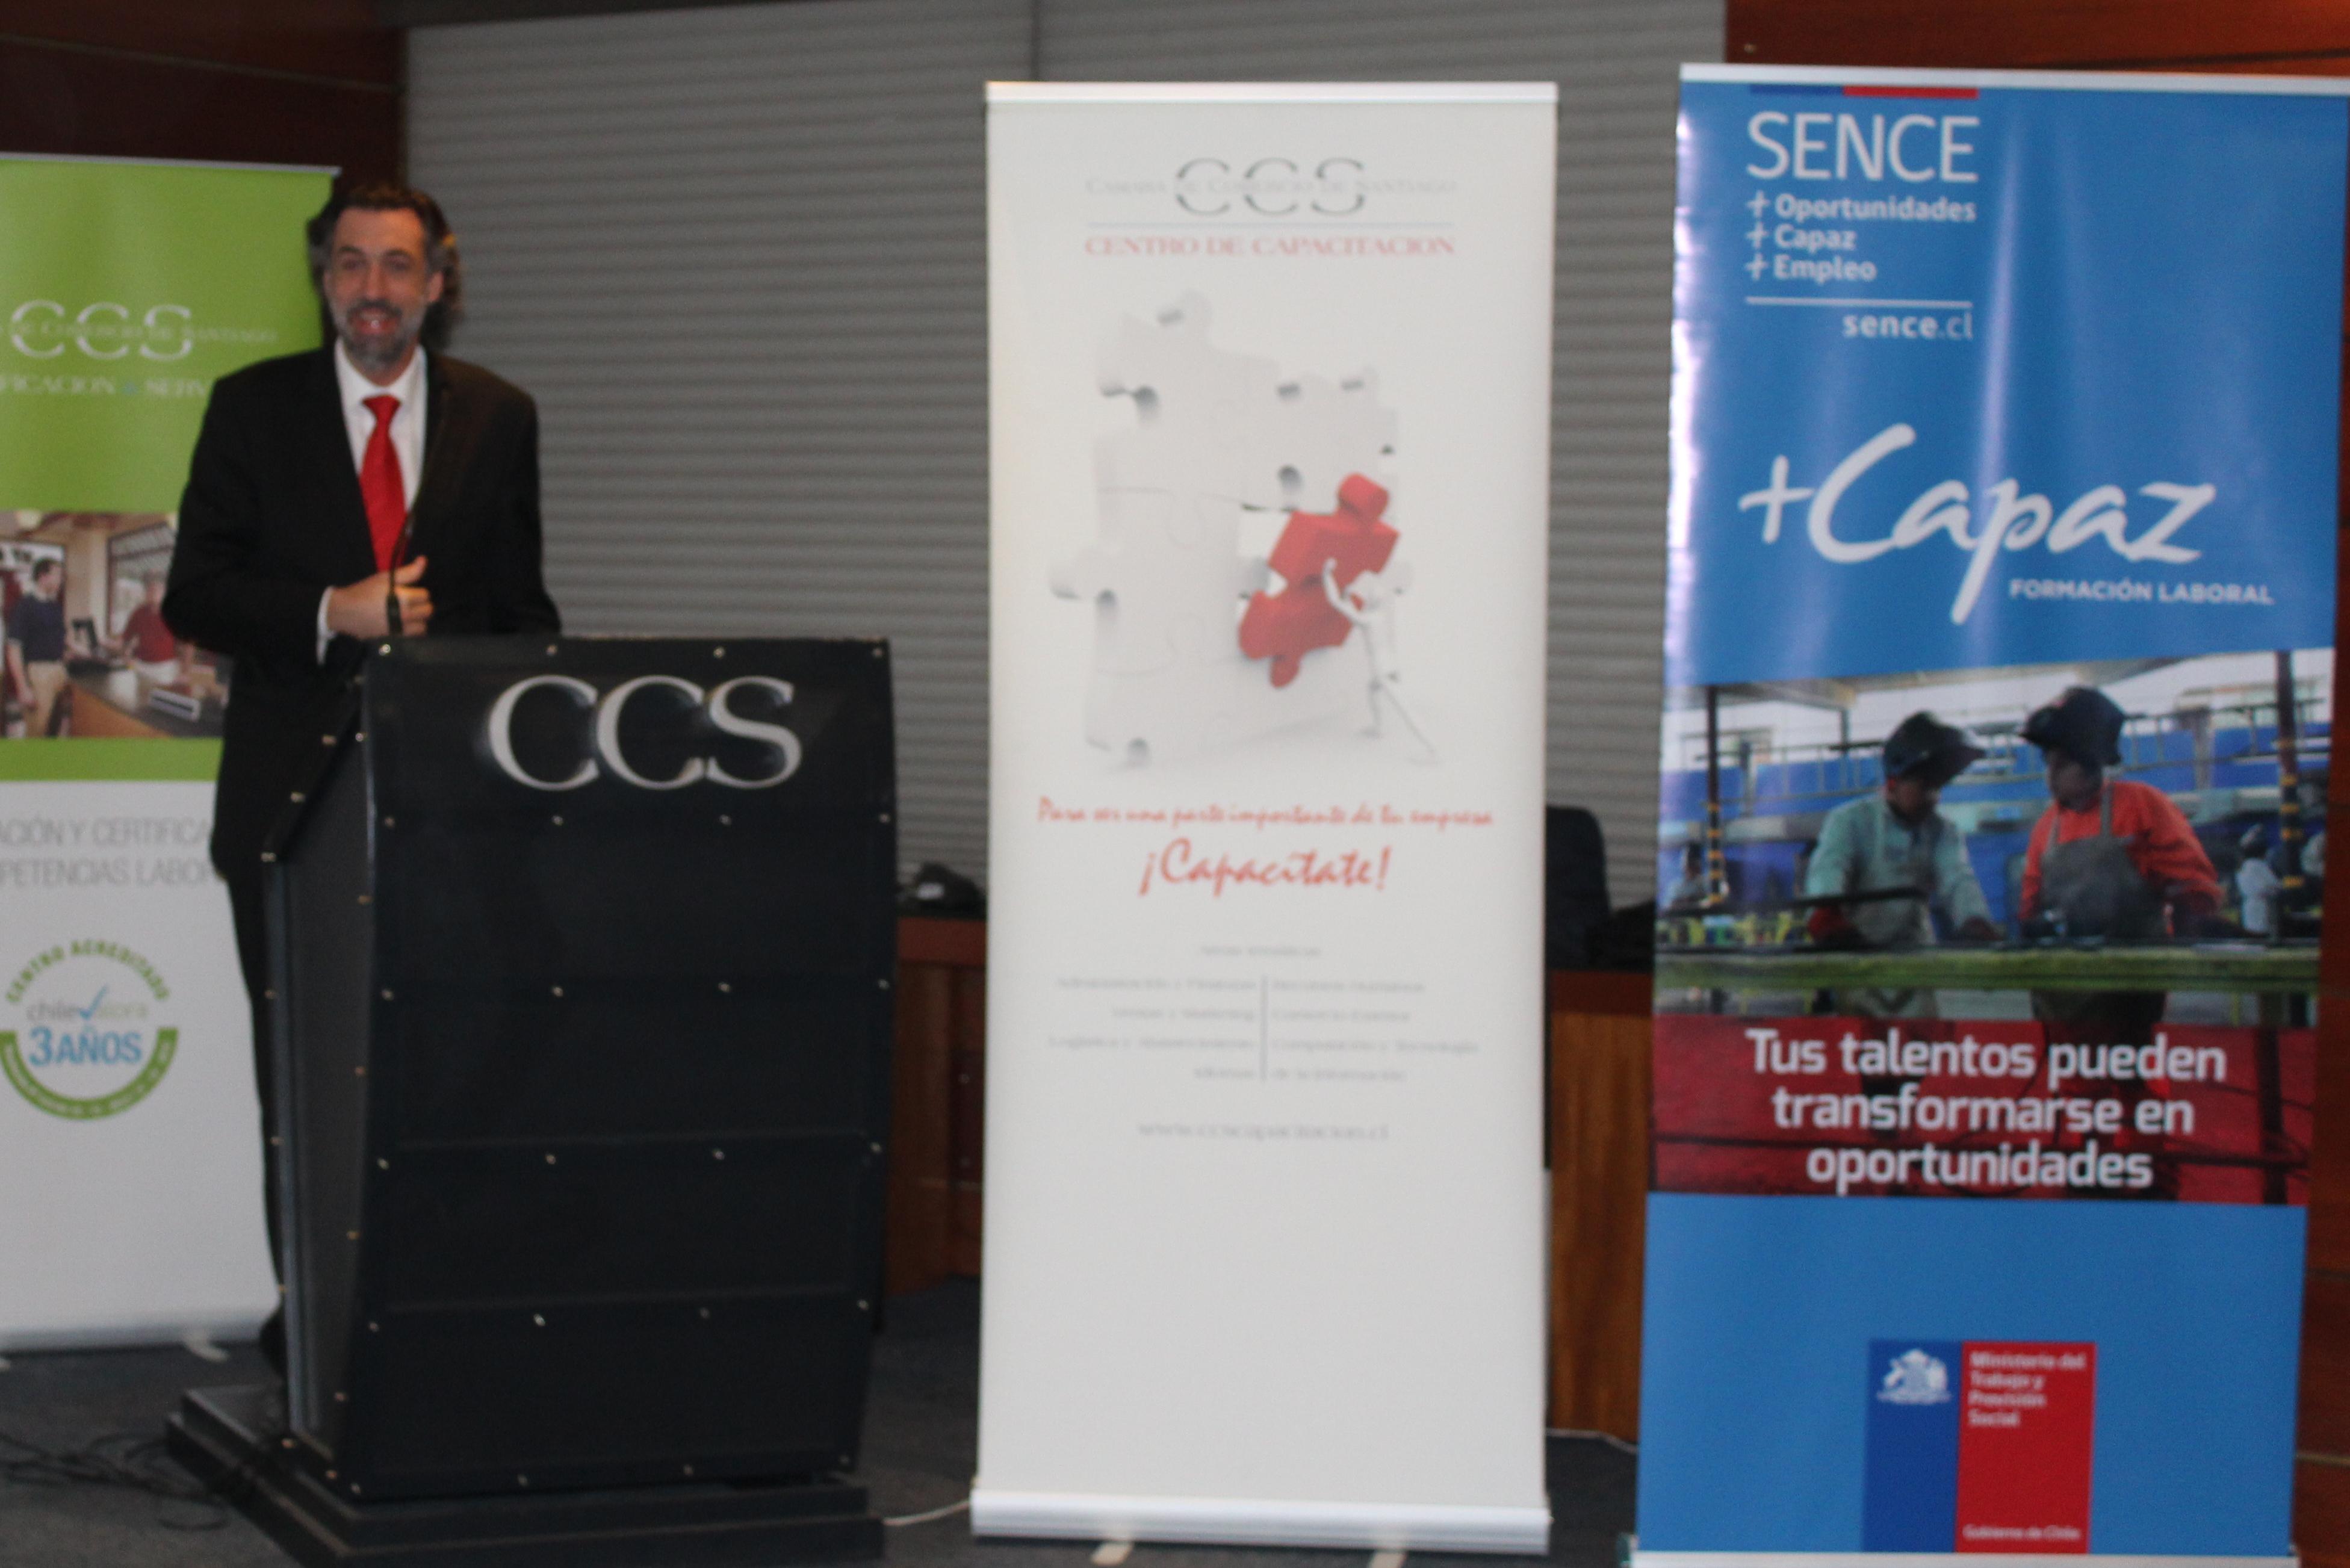 El director nacional del Sence hizo un llamado principalmente a las empresas a utilizar las herramientas y beneficios Sence, centrando su discurso en el trabajo tripartito que se realiza el Servicio Nacional de Capacitación y Empleo,  Chilevalora y las empresas.